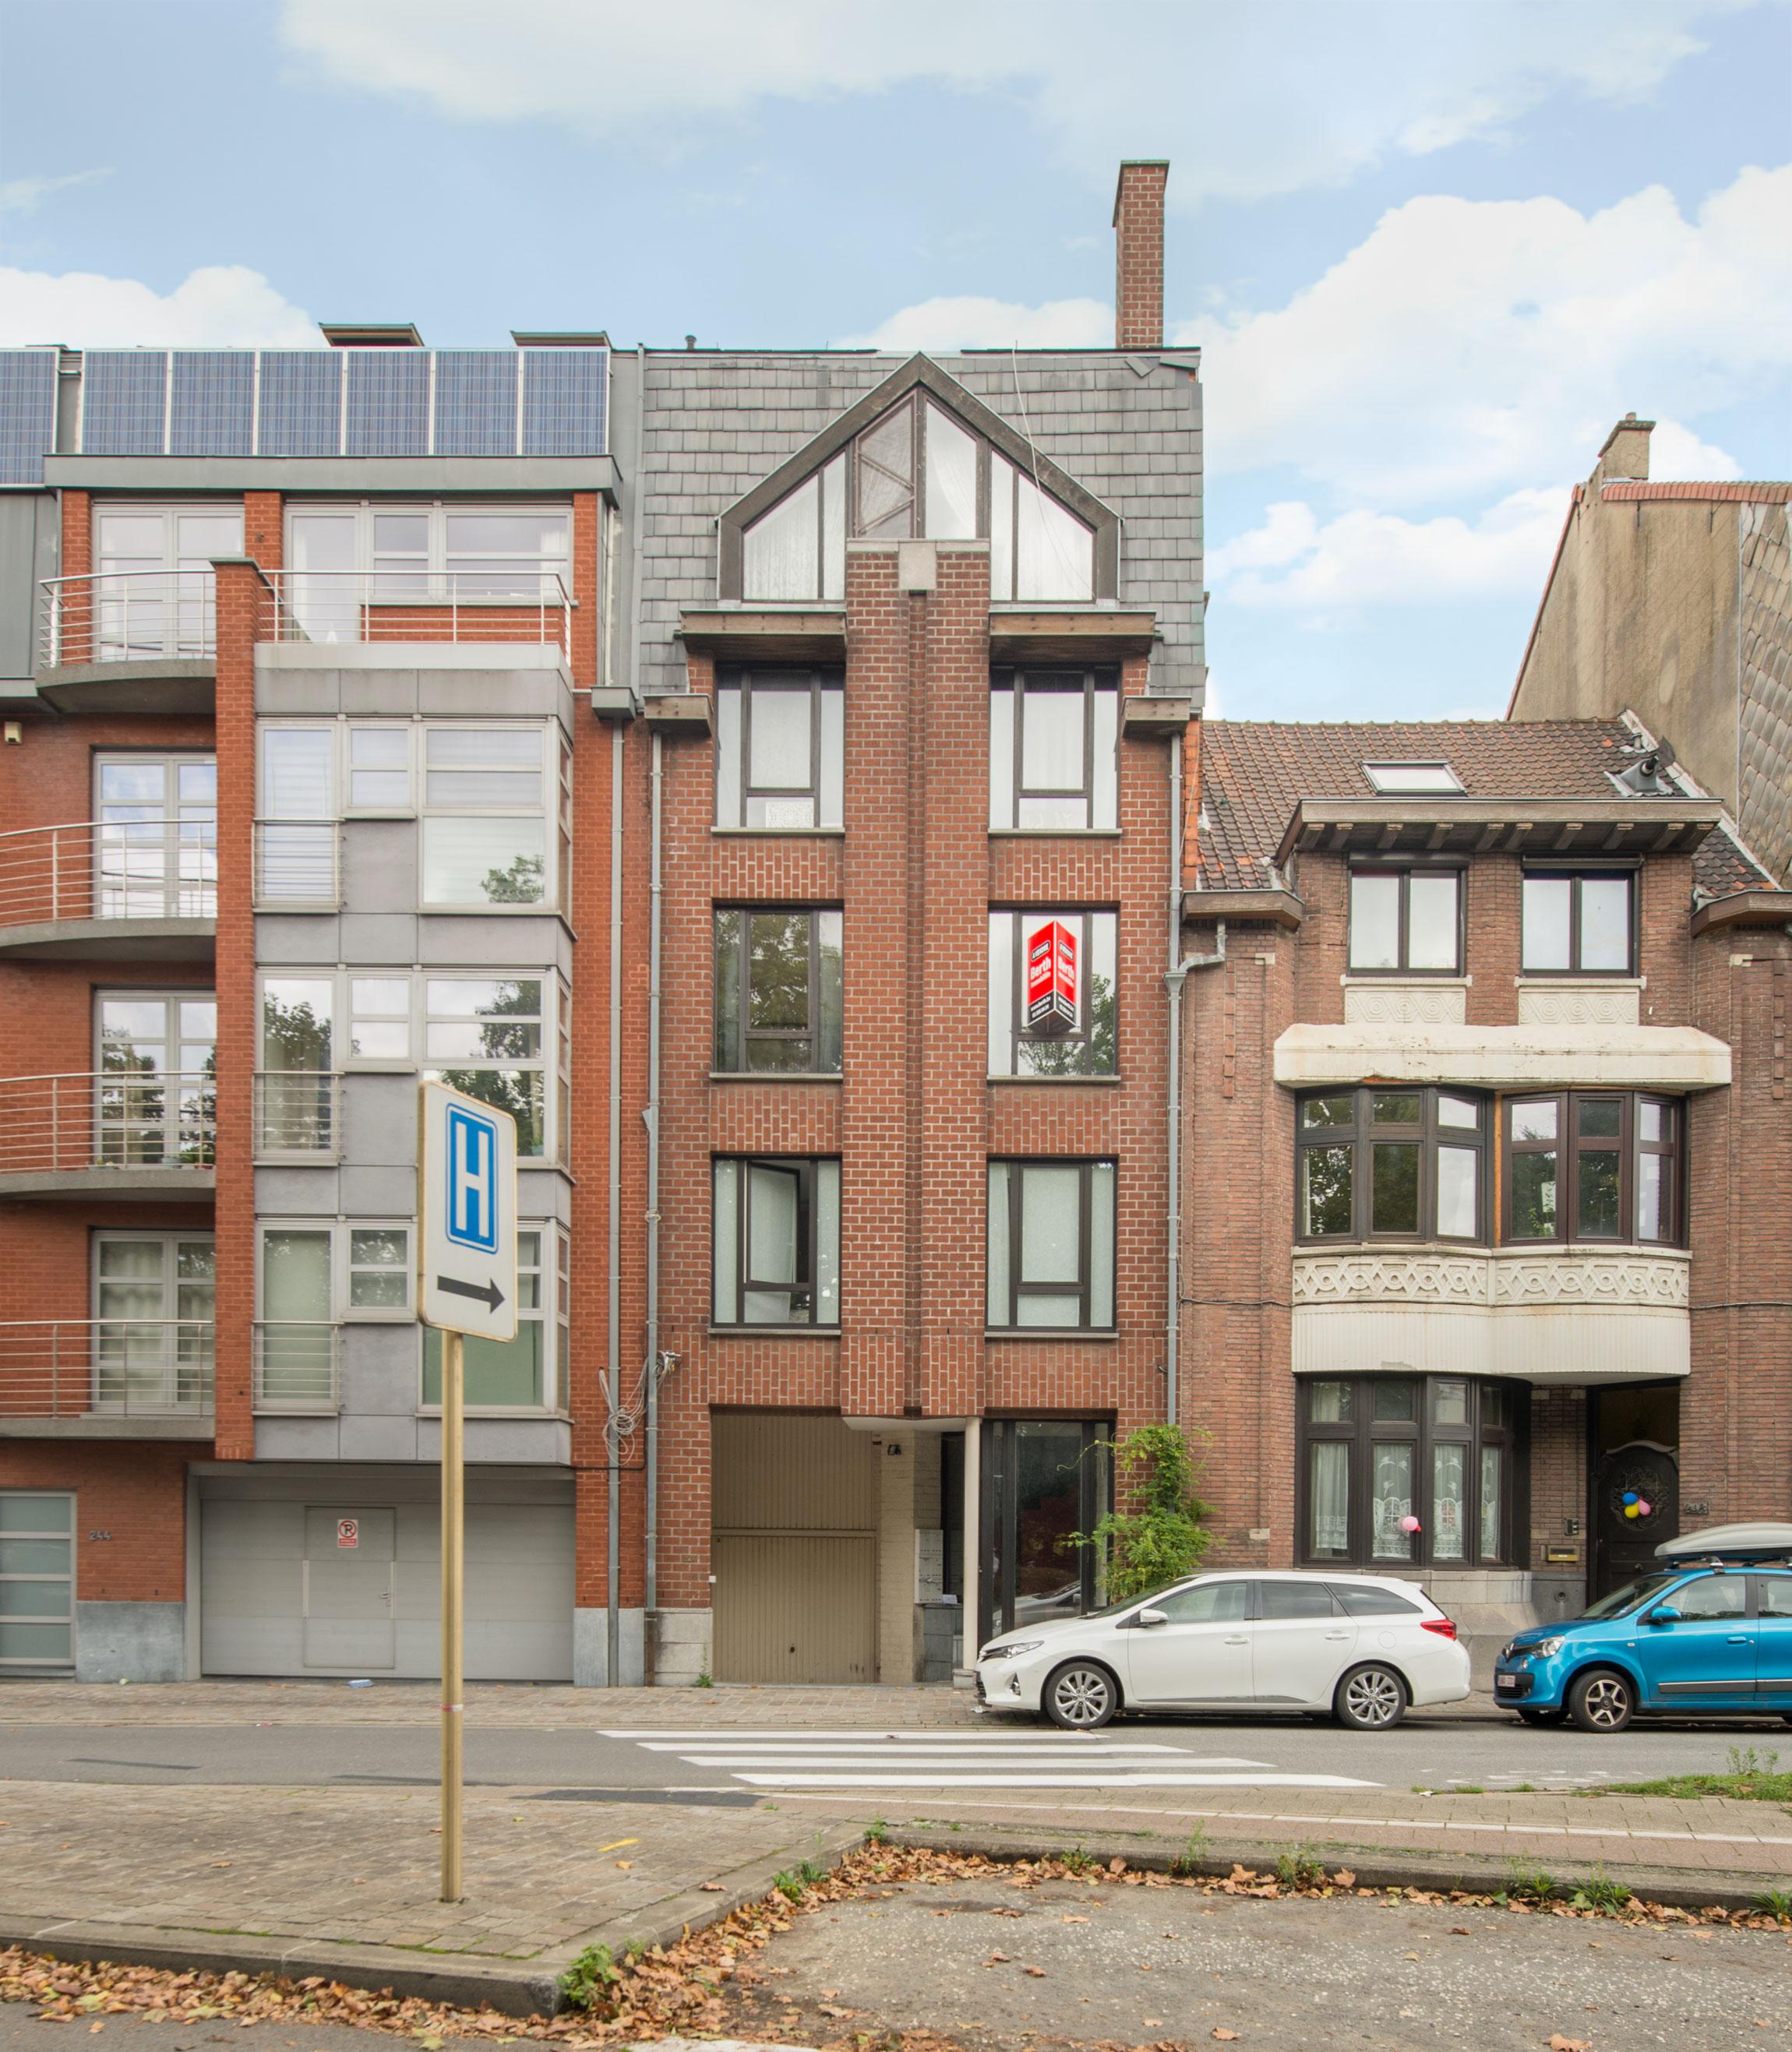 Boulevard Lambermont 246, 1030 Schaerbeek